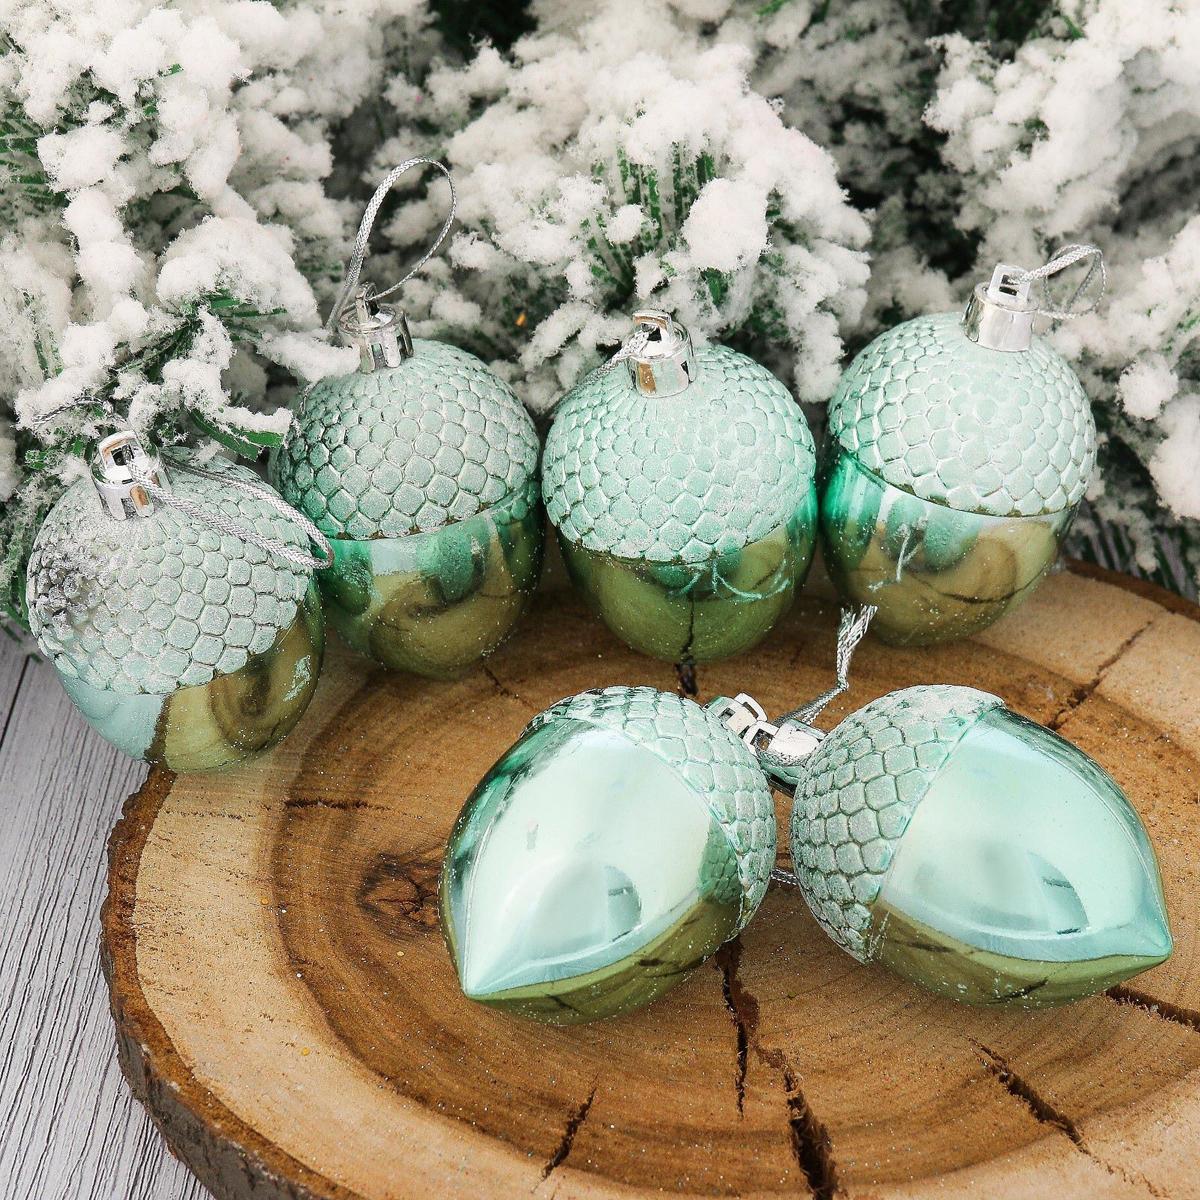 Набор новогодних подвесных украшений Желудь, цвет: голубой, 6 х 4,5 см, 6 шт2123069Невозможно представить нашу жизнь без праздников! Мы всегда ждем их и предвкушаем, обдумываем, как проведем памятный день, тщательно выбираем подарки и аксессуары, ведь именно они создают и поддерживают торжественный настрой. Это отличный выбор, который привнесет атмосферу праздника в ваш дом!